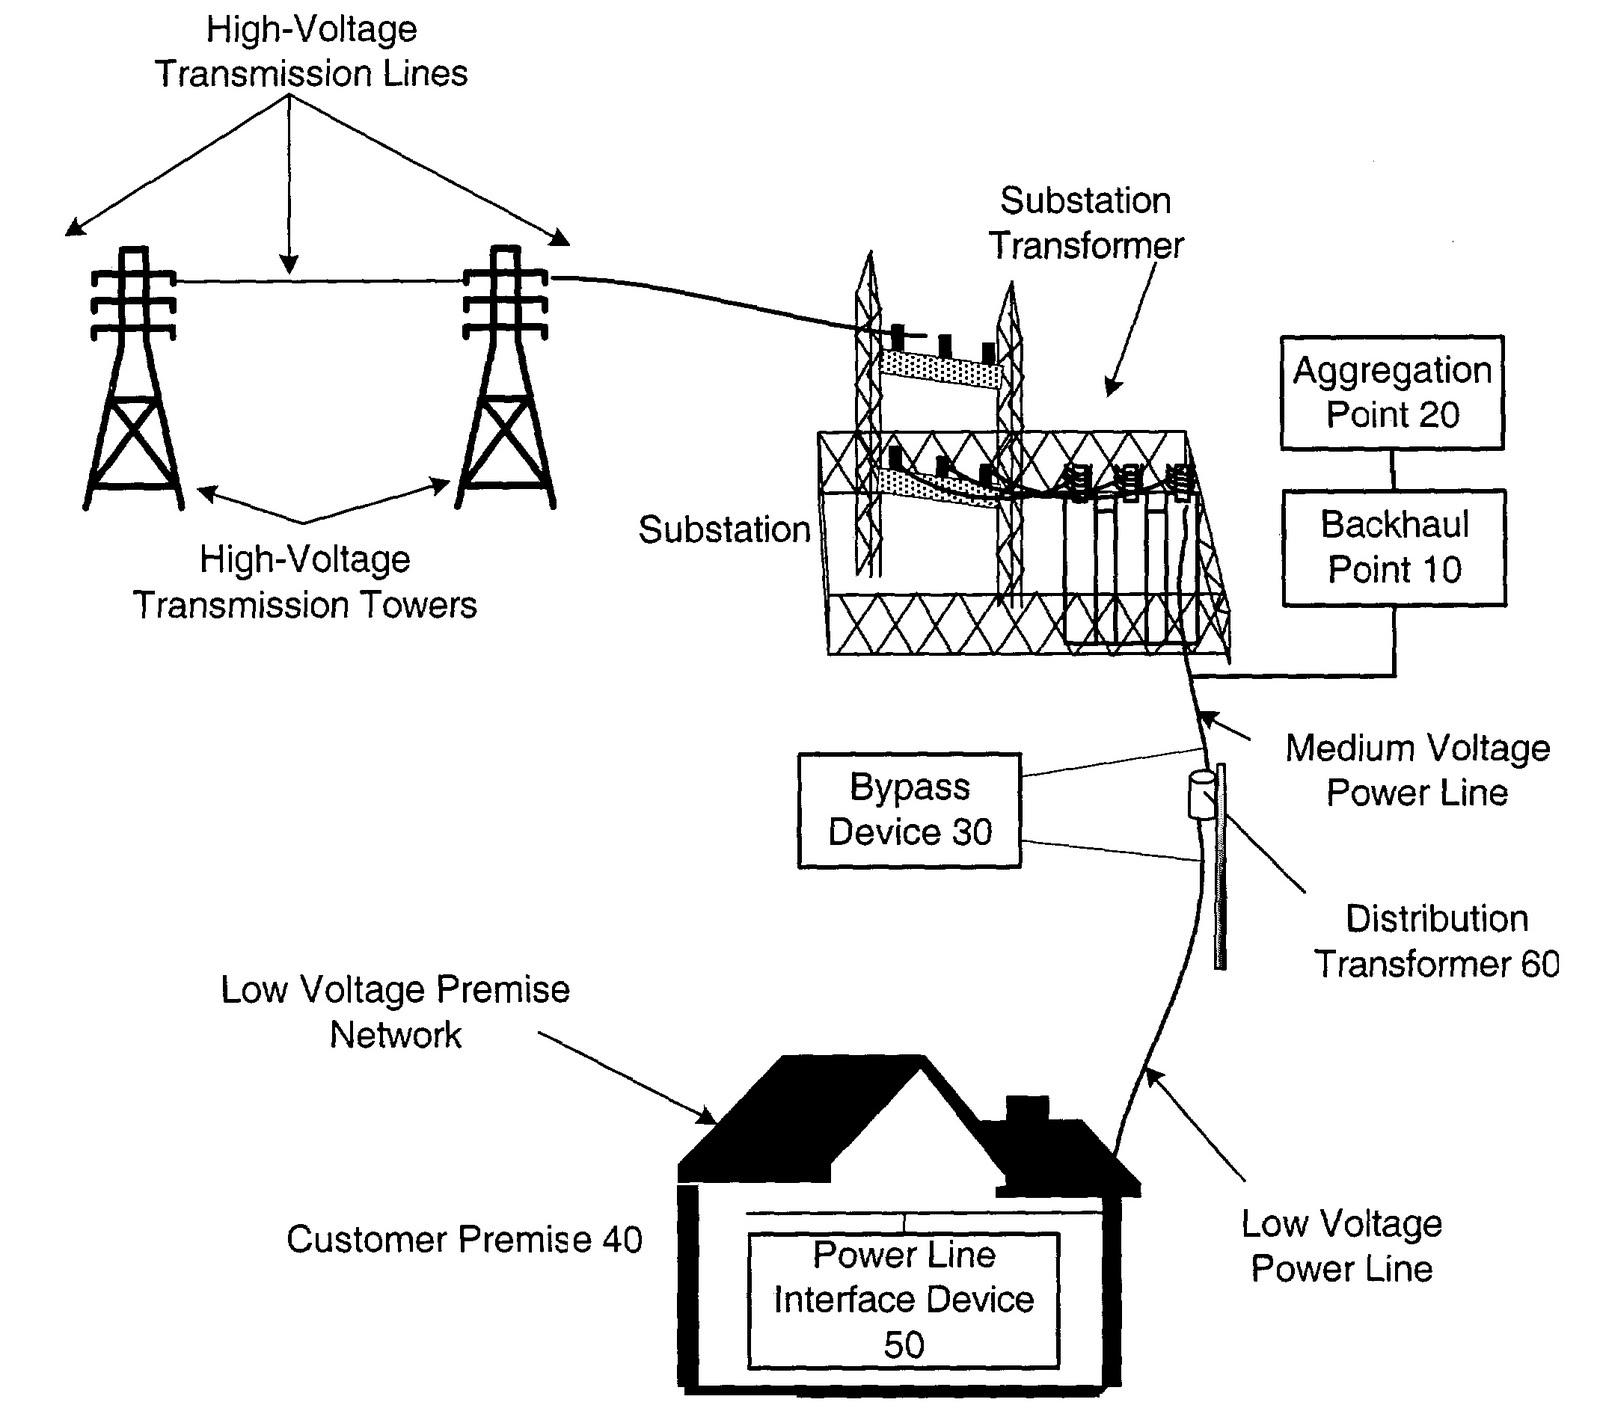 Basic Transmission And Distribution Design Distribution Lines